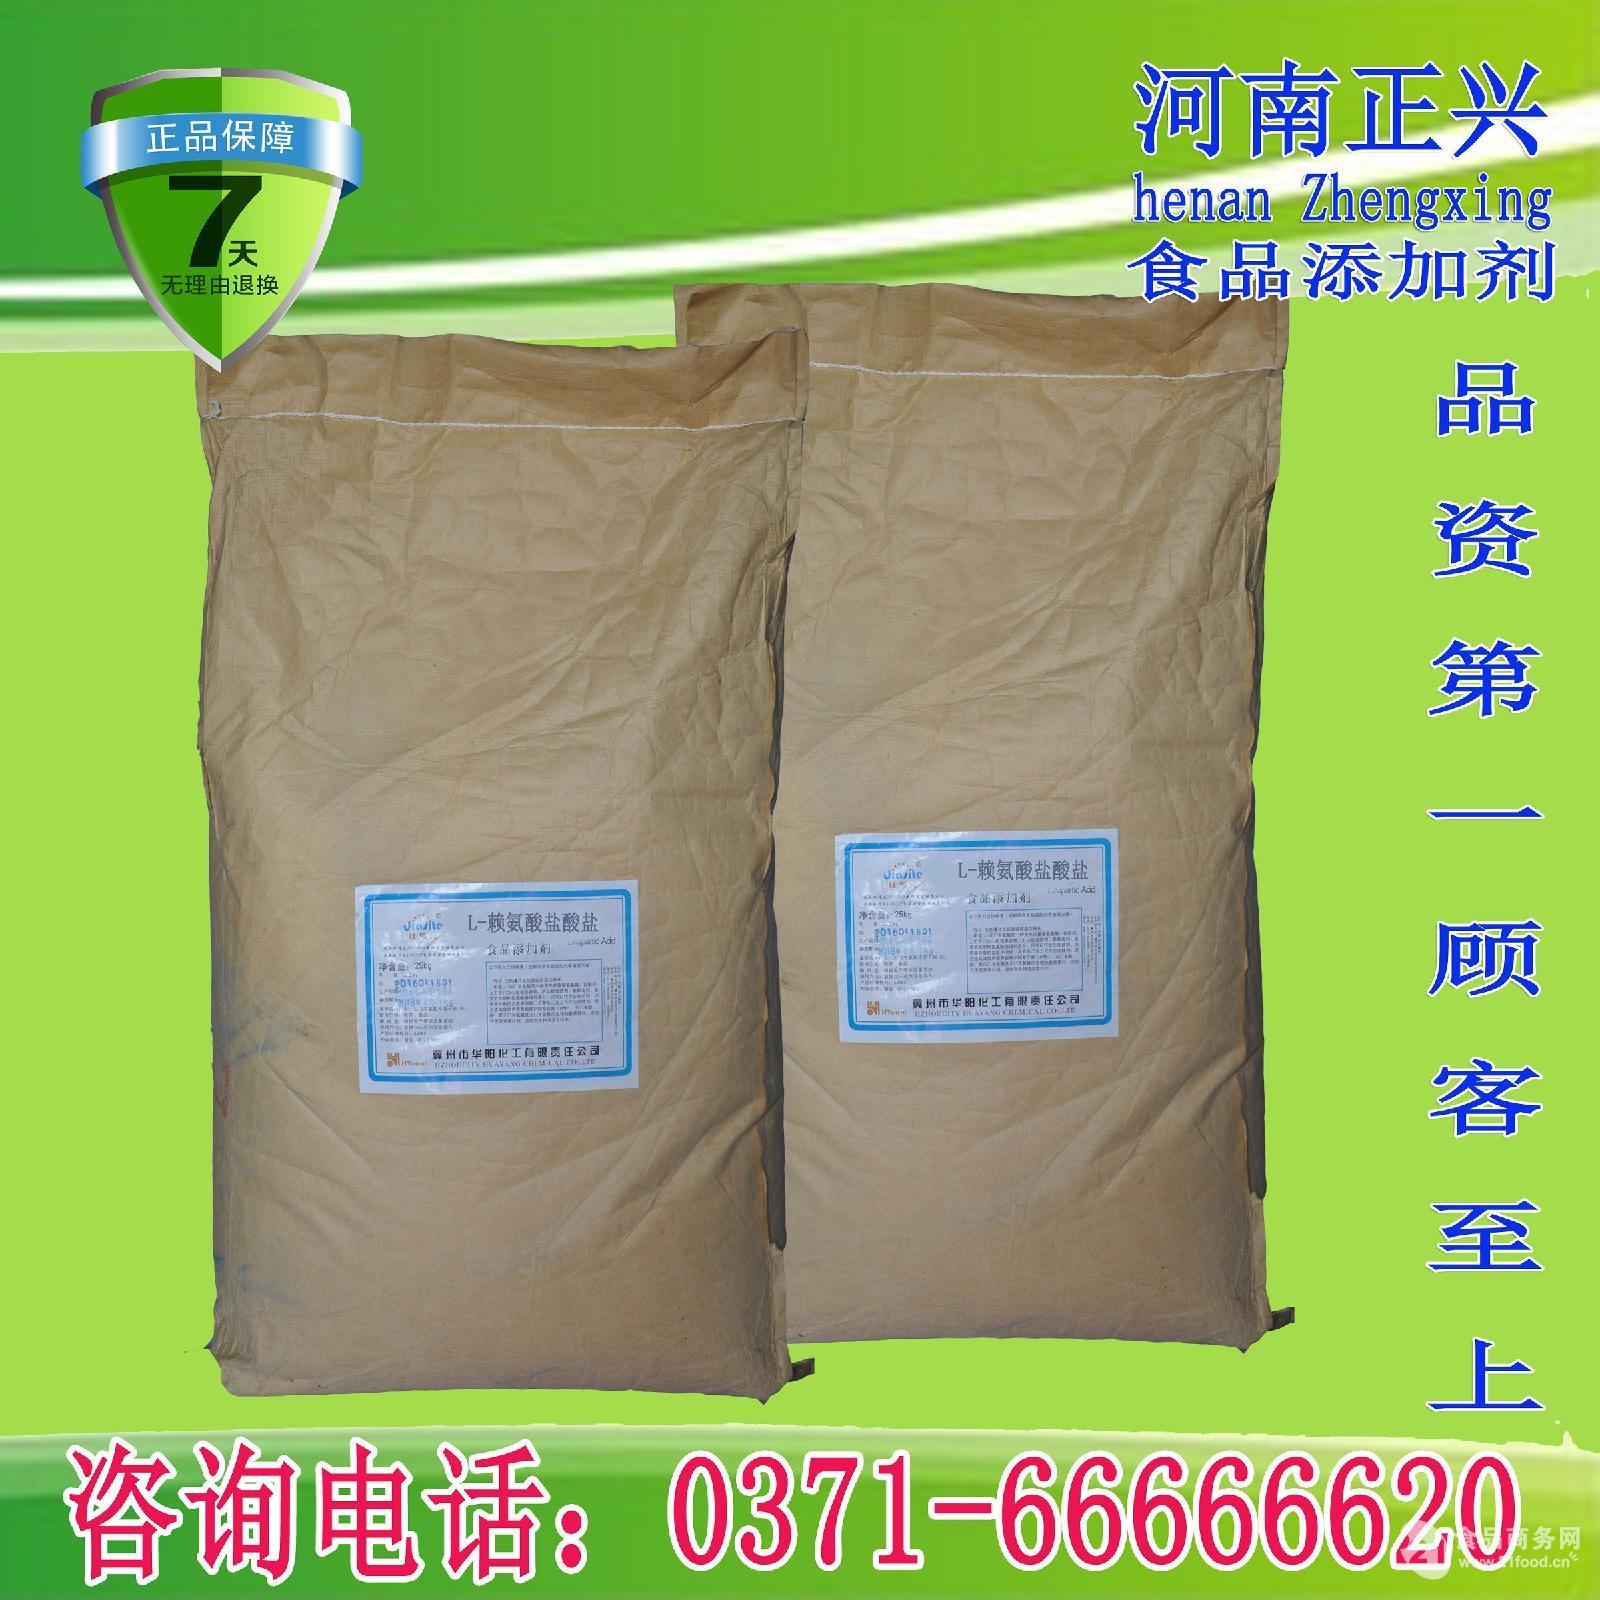 L-赖氨酸盐酸盐 99%